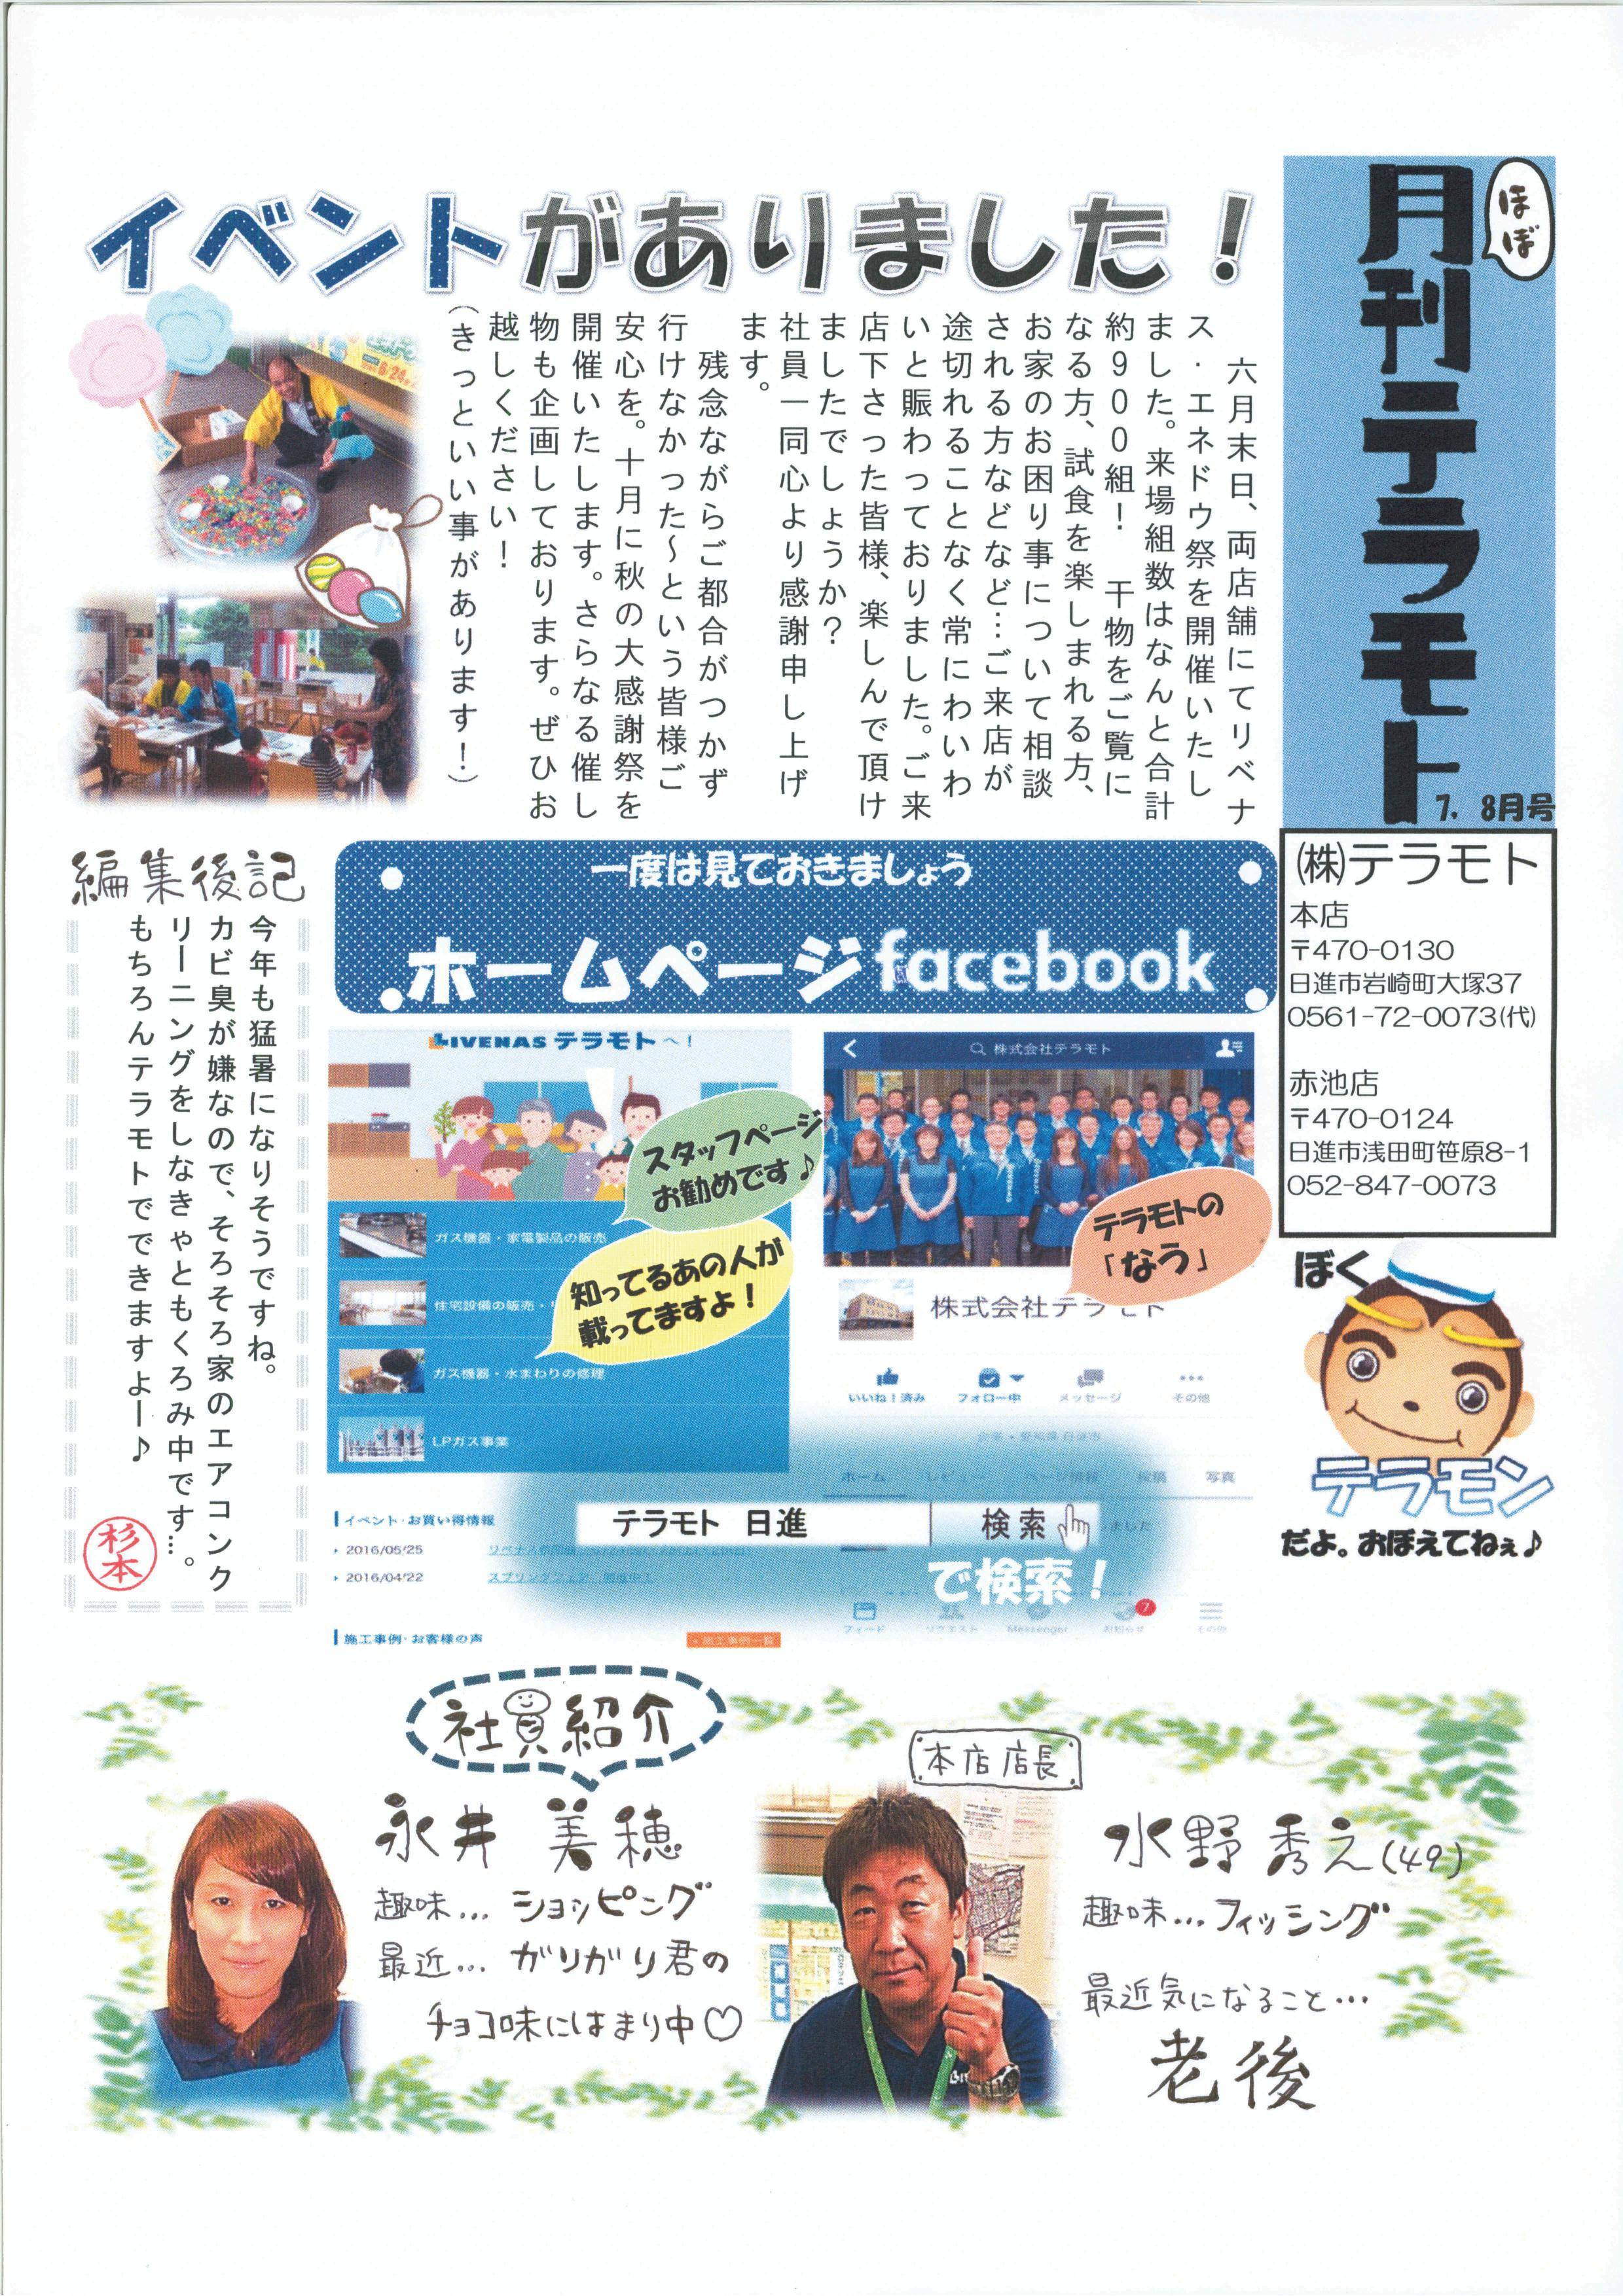 テラモト新聞7月8月号2016.jpg